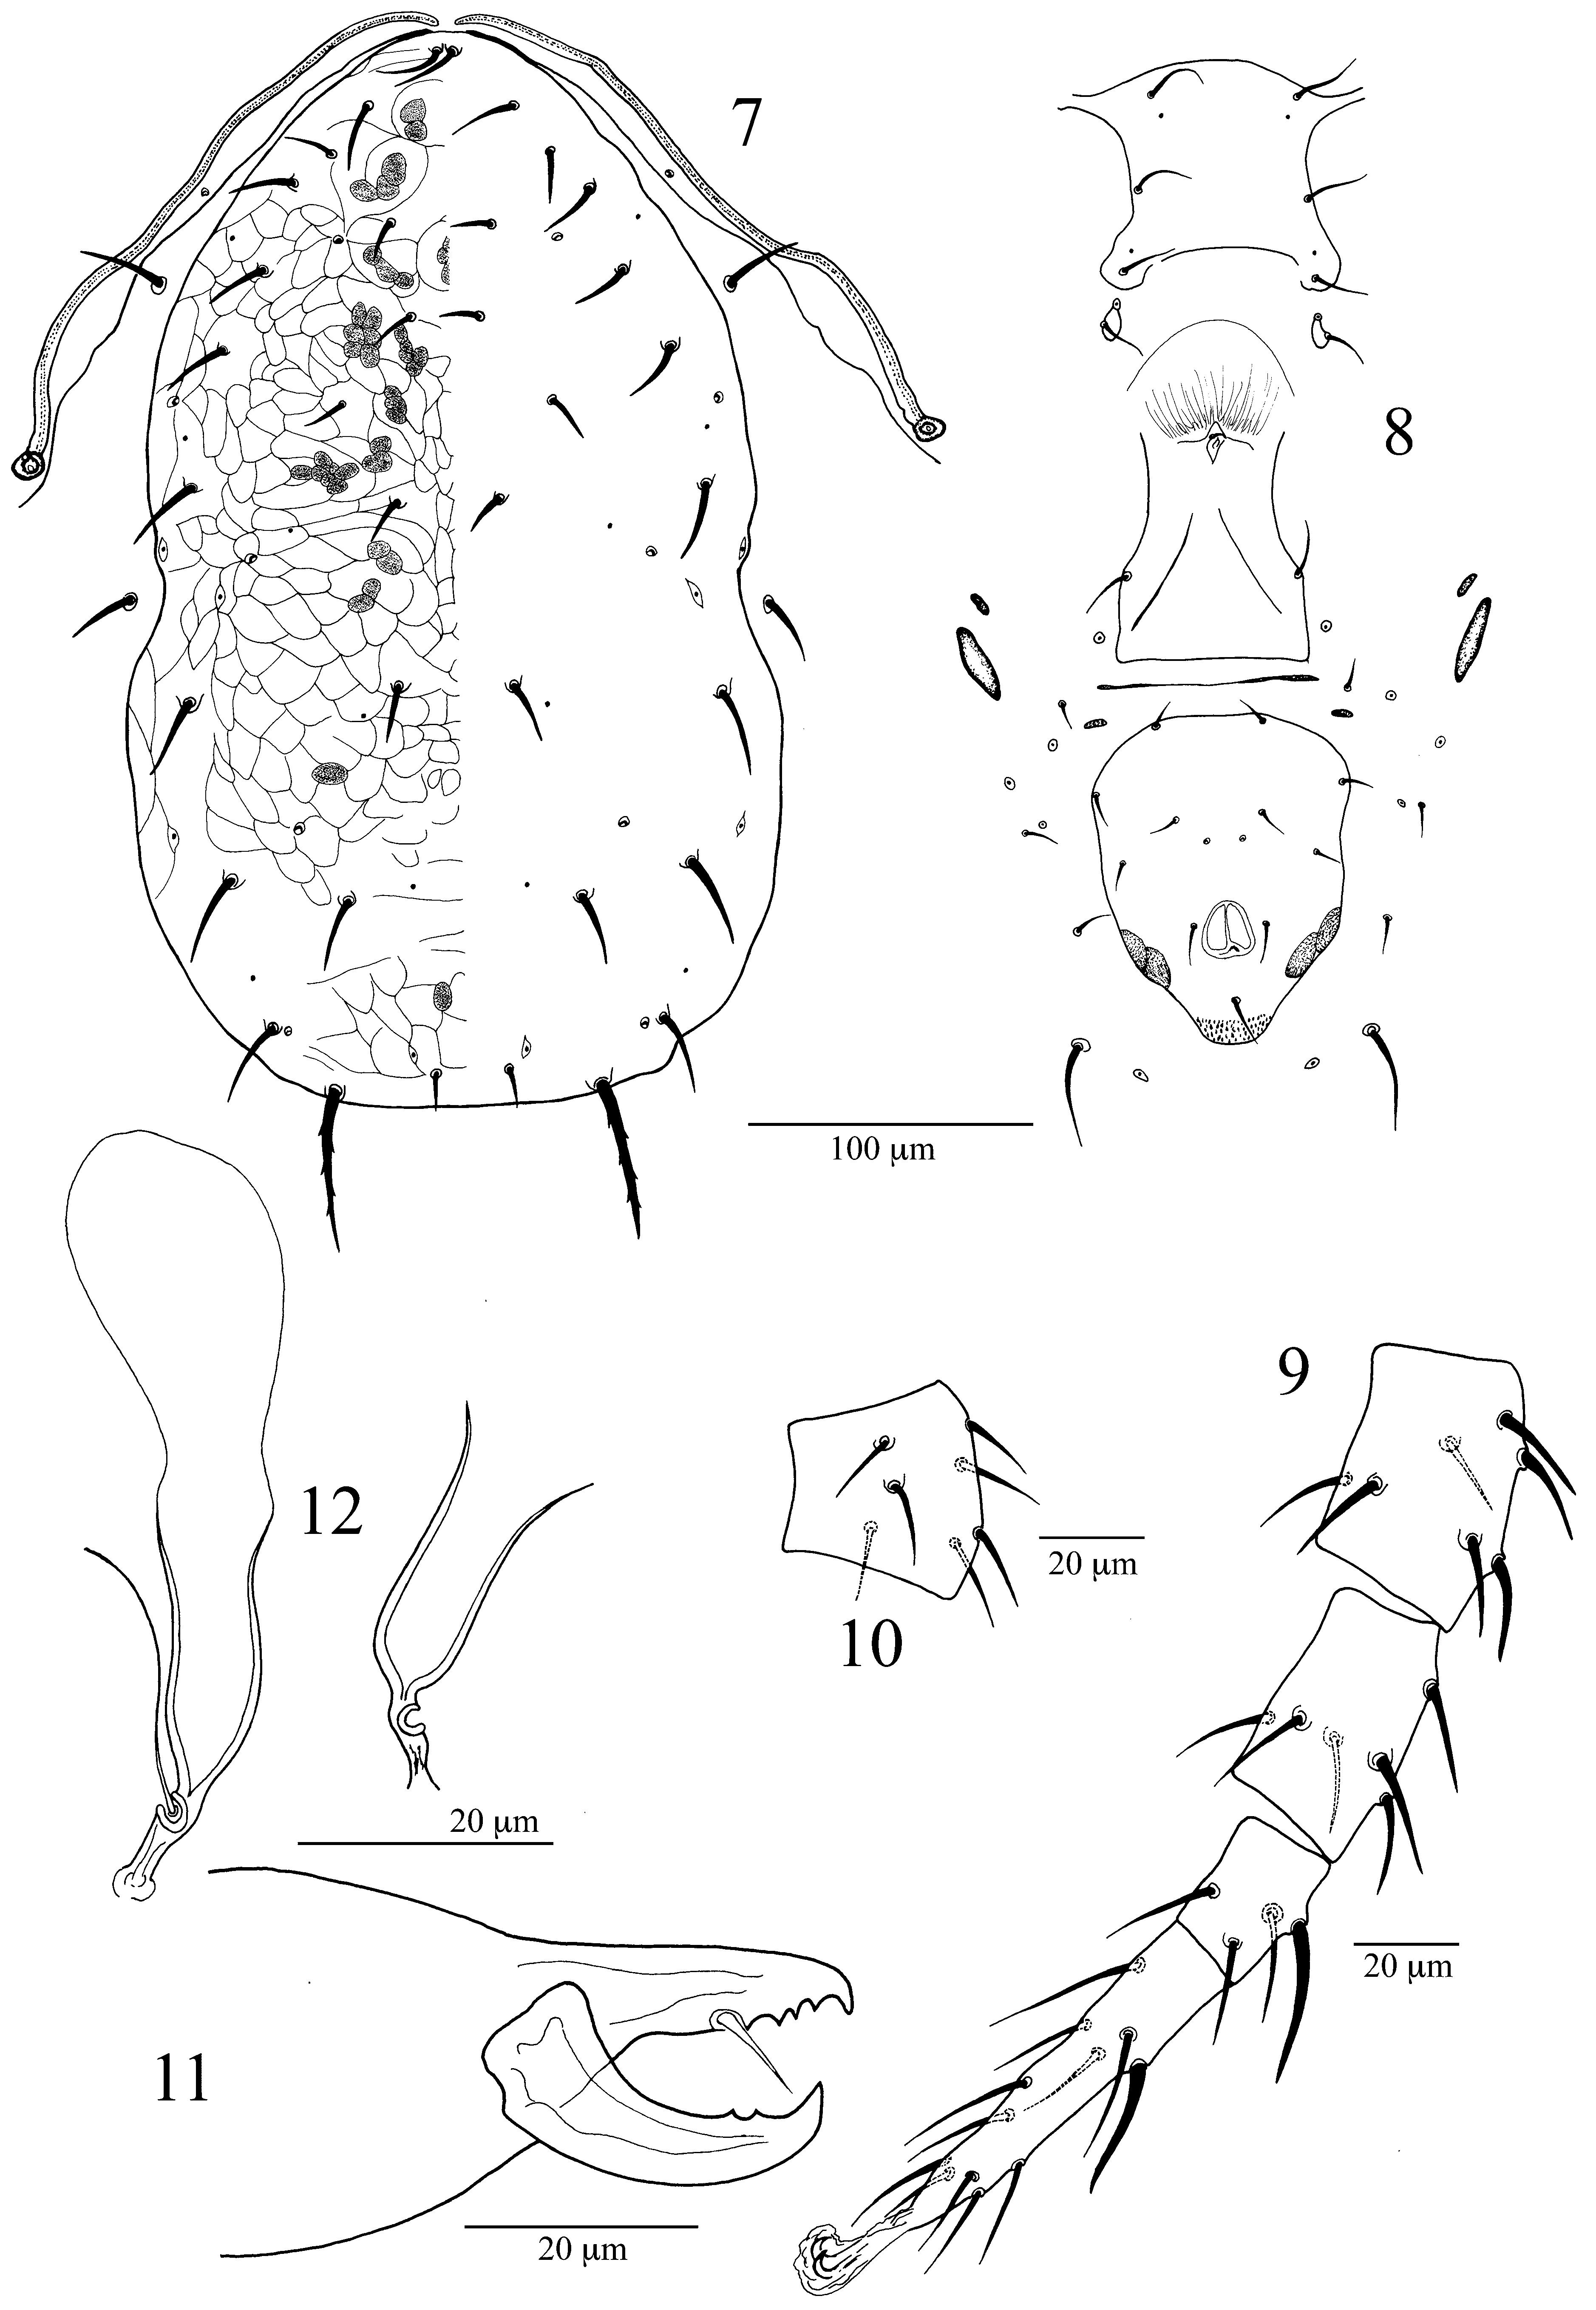 FIGURES 7–12 in Mites of the genus Typhlodromus (Acari